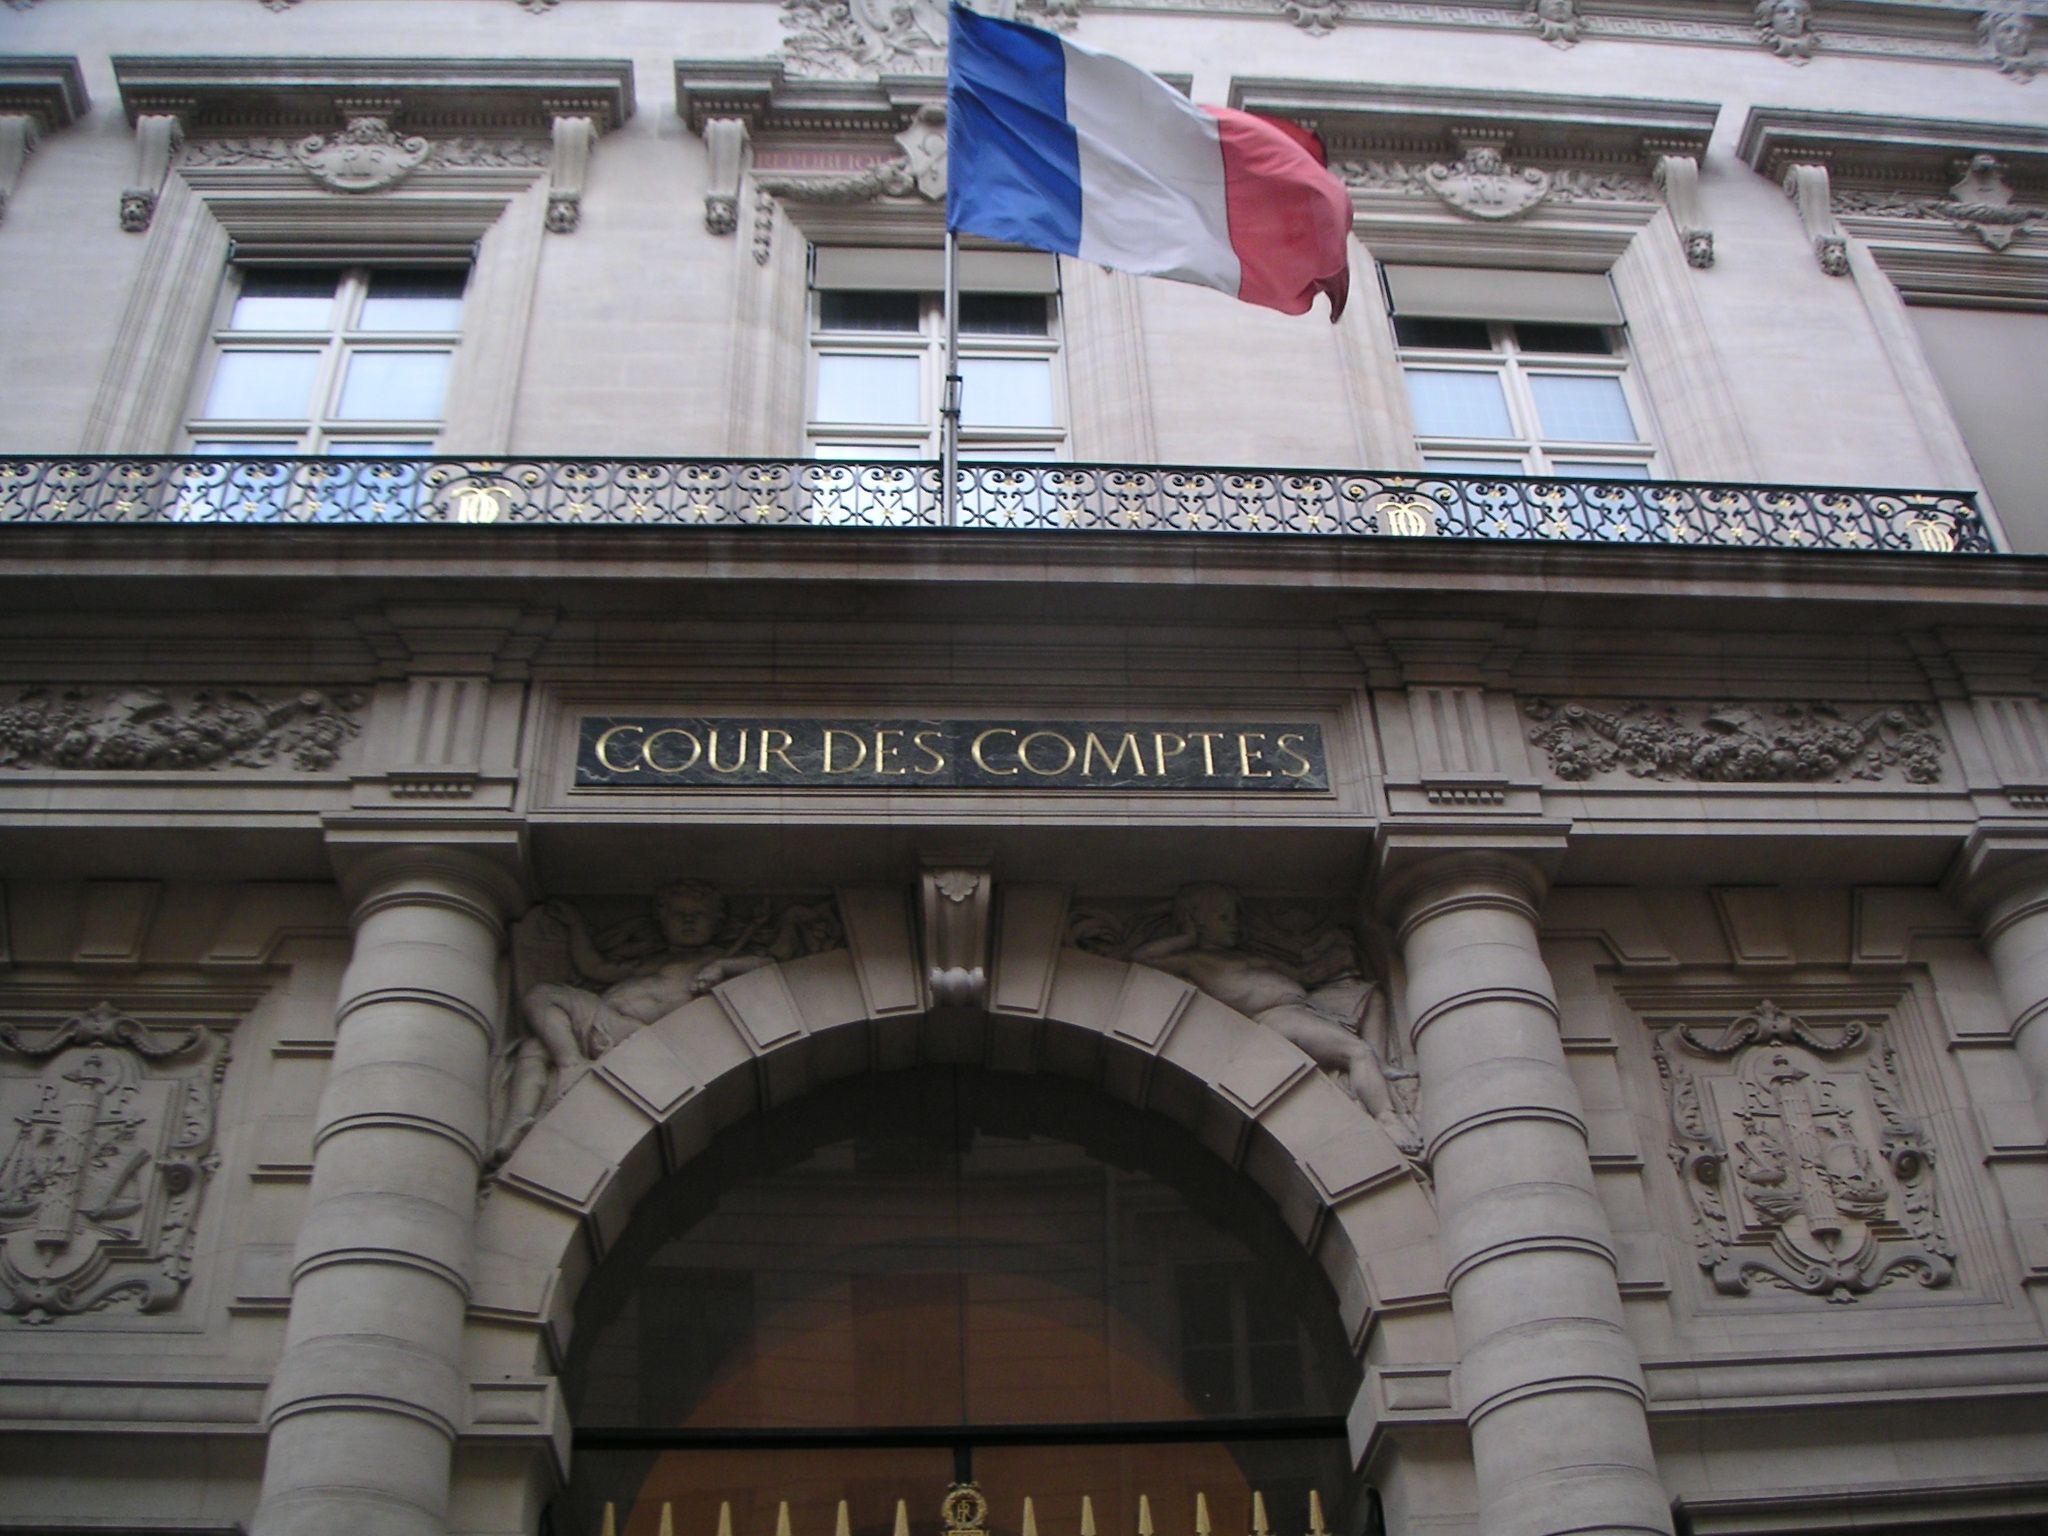 La Cour des comptes observe une hausse du déficit budgétaire de l'Etat